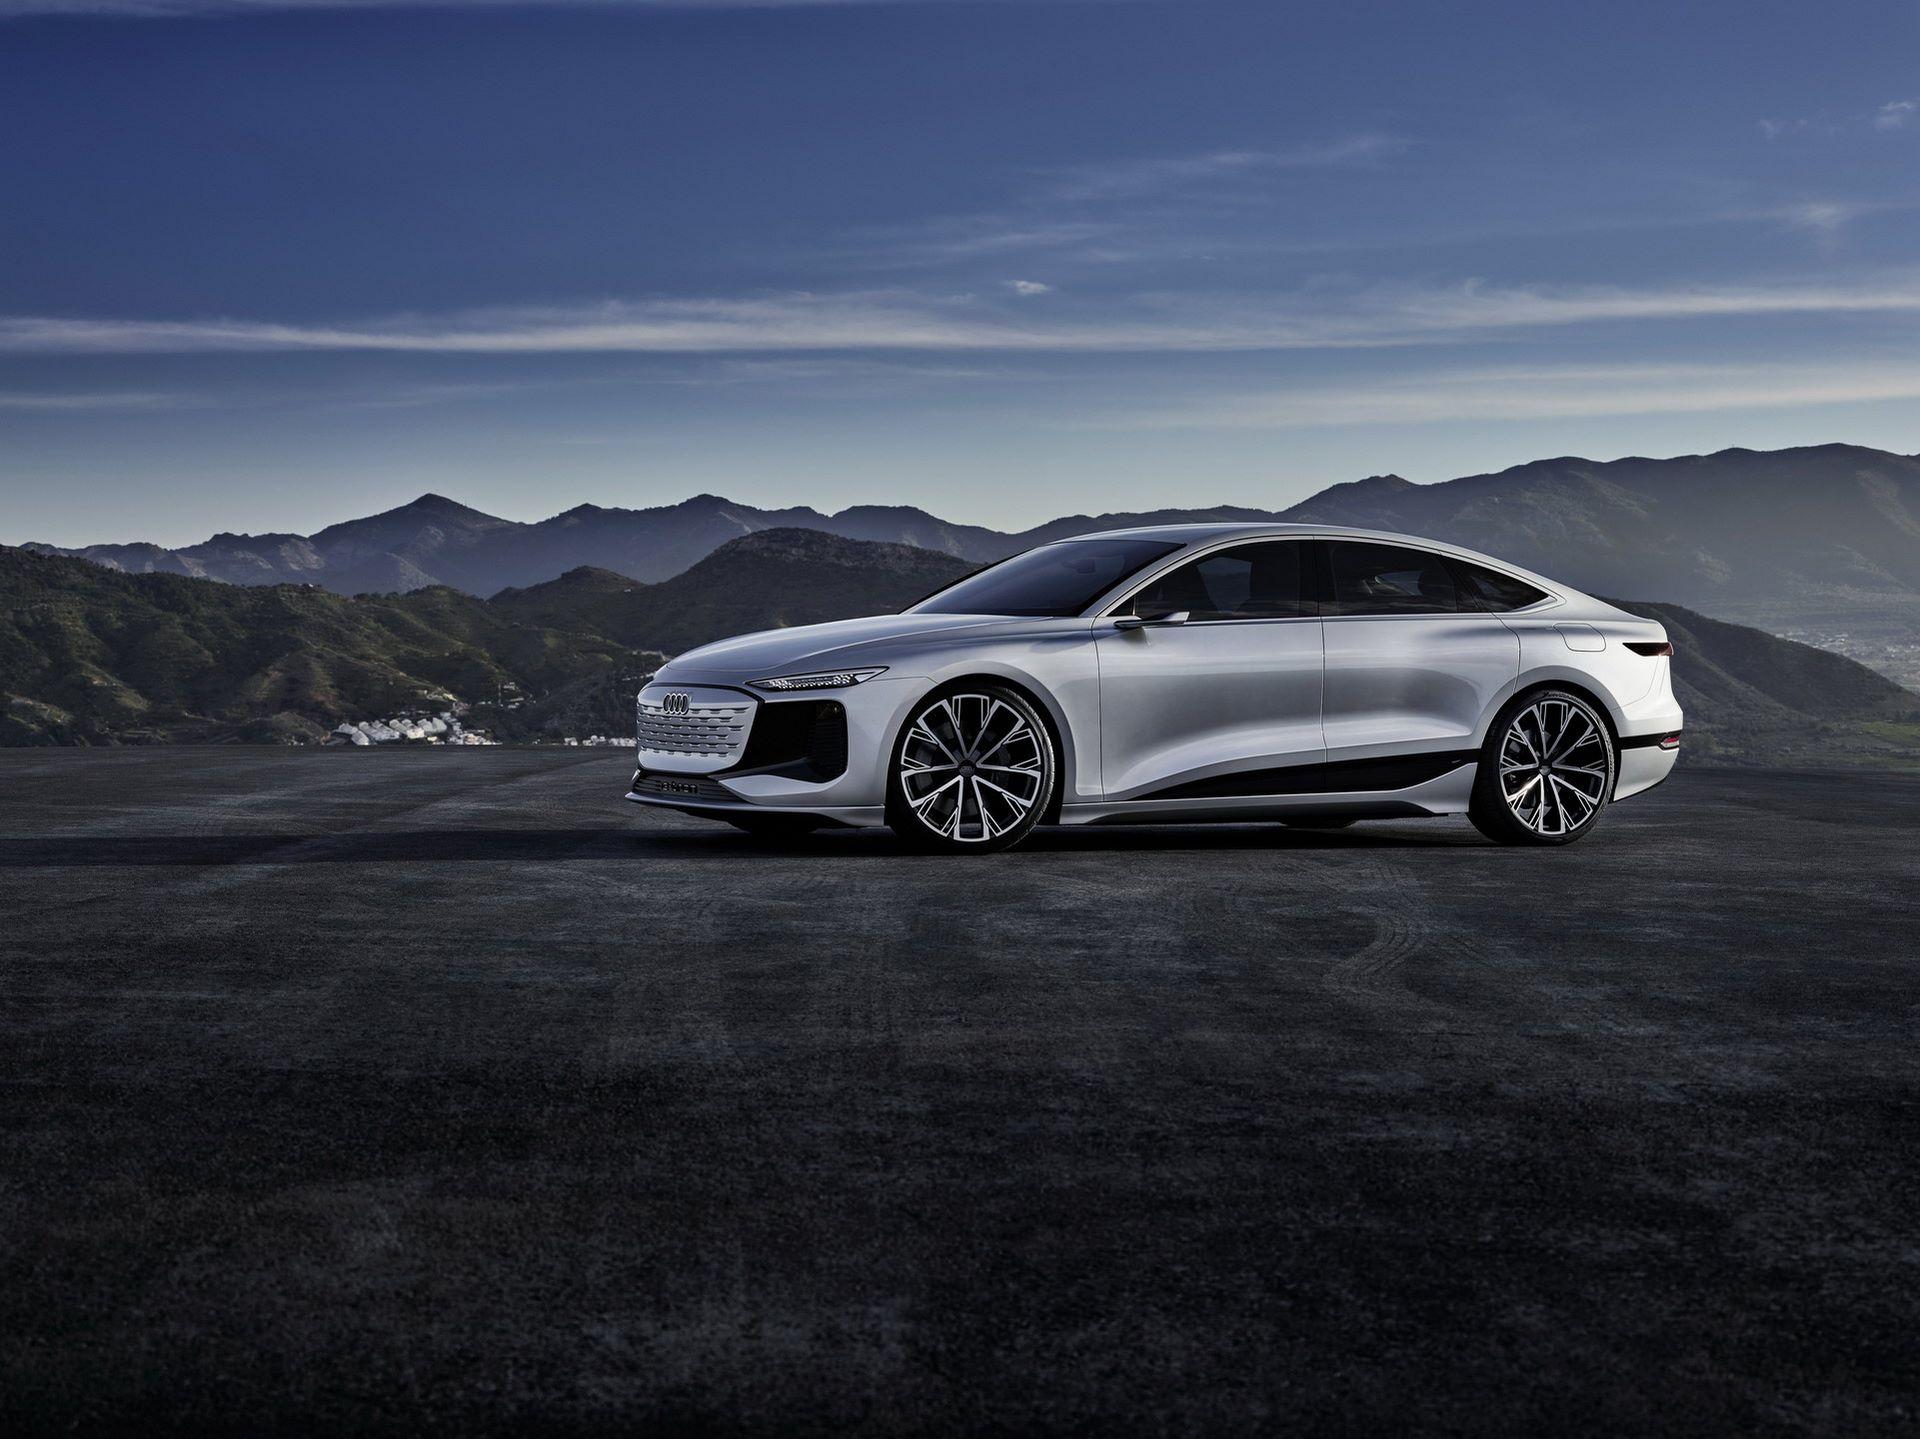 Audi-A6-e-tron-concept-8